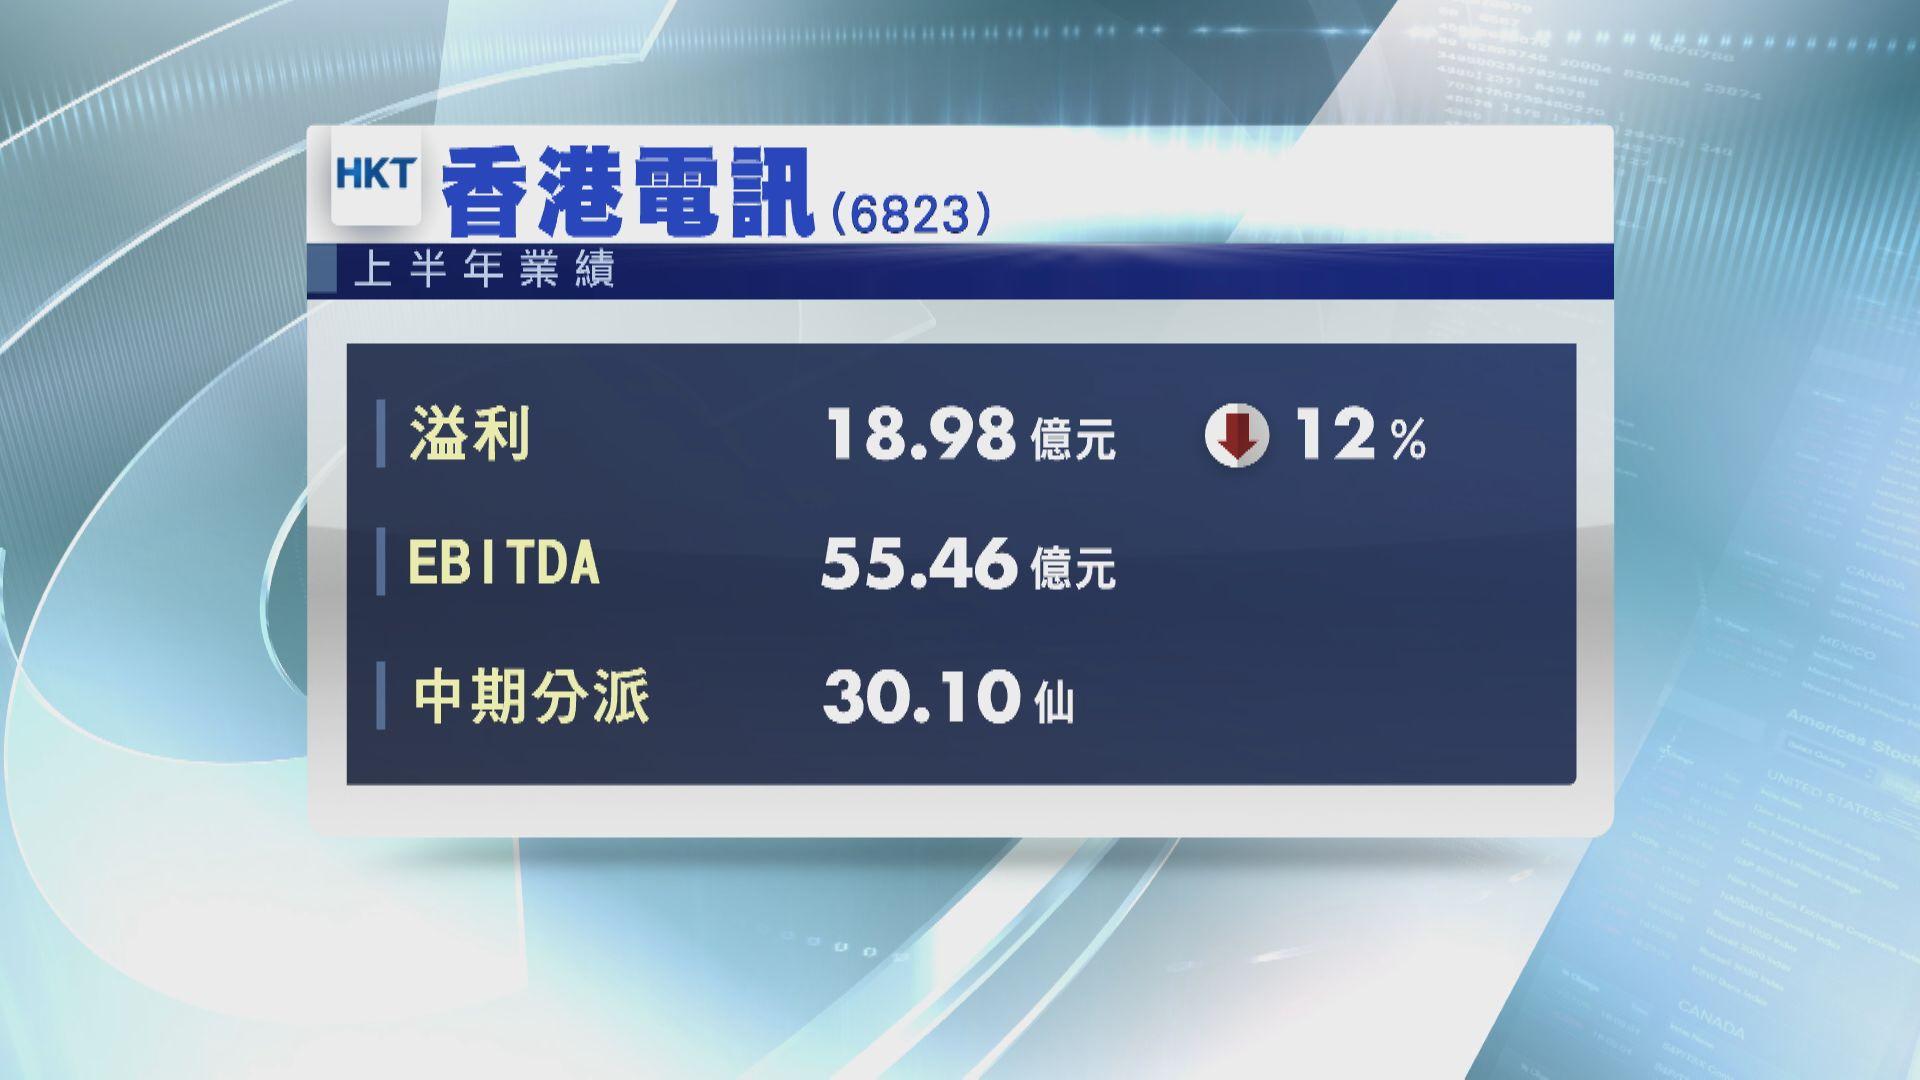 香港電訊上半年少賺12% 料5G成中期增長動力